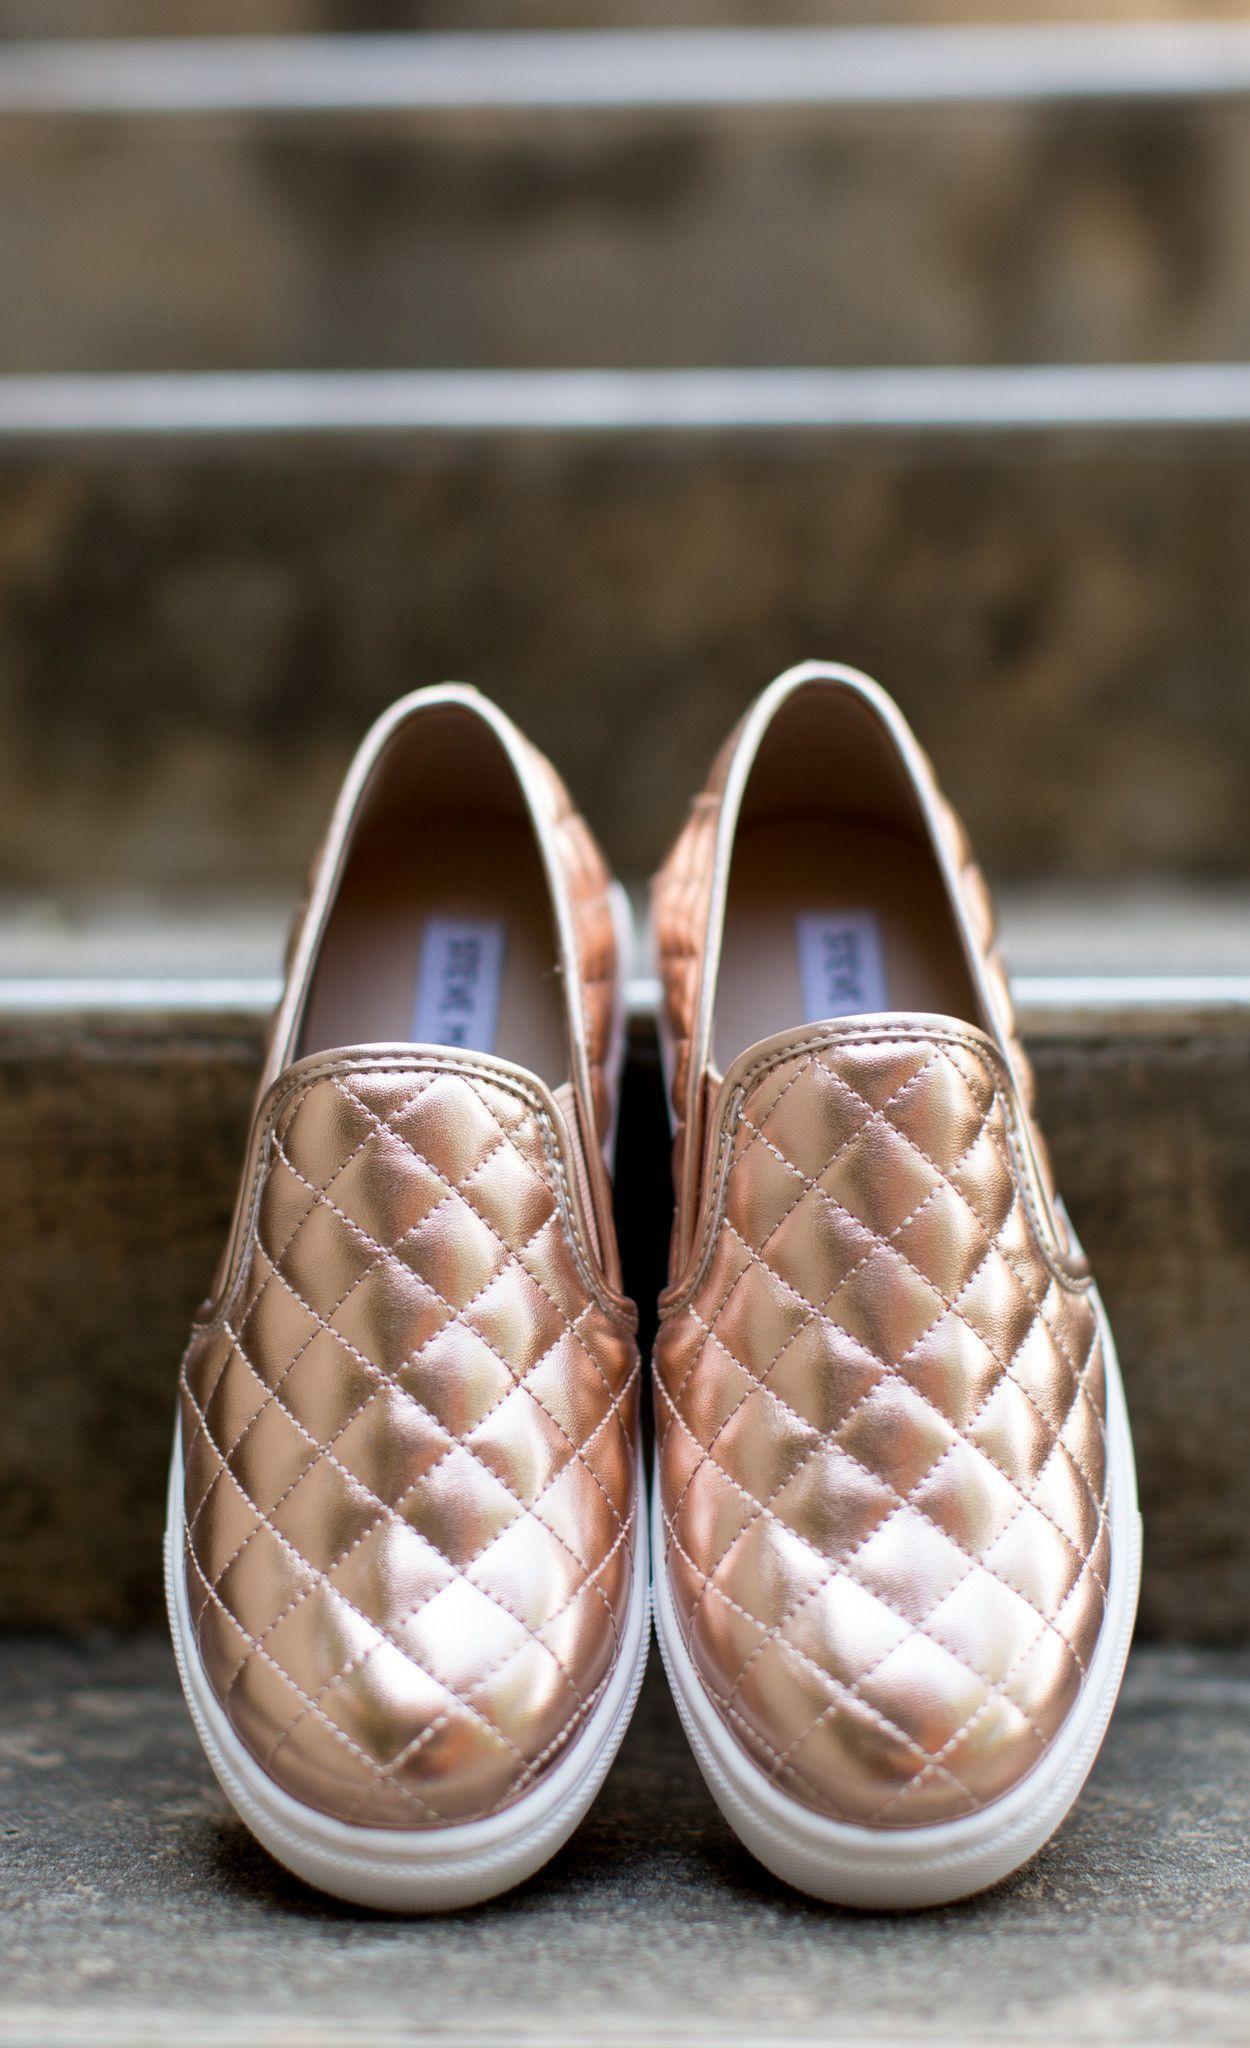 Steve Madden - Shoe - Steve Madden Ecentrcq Sneaker - Rose Gold - Cheeky  Peach Boutique